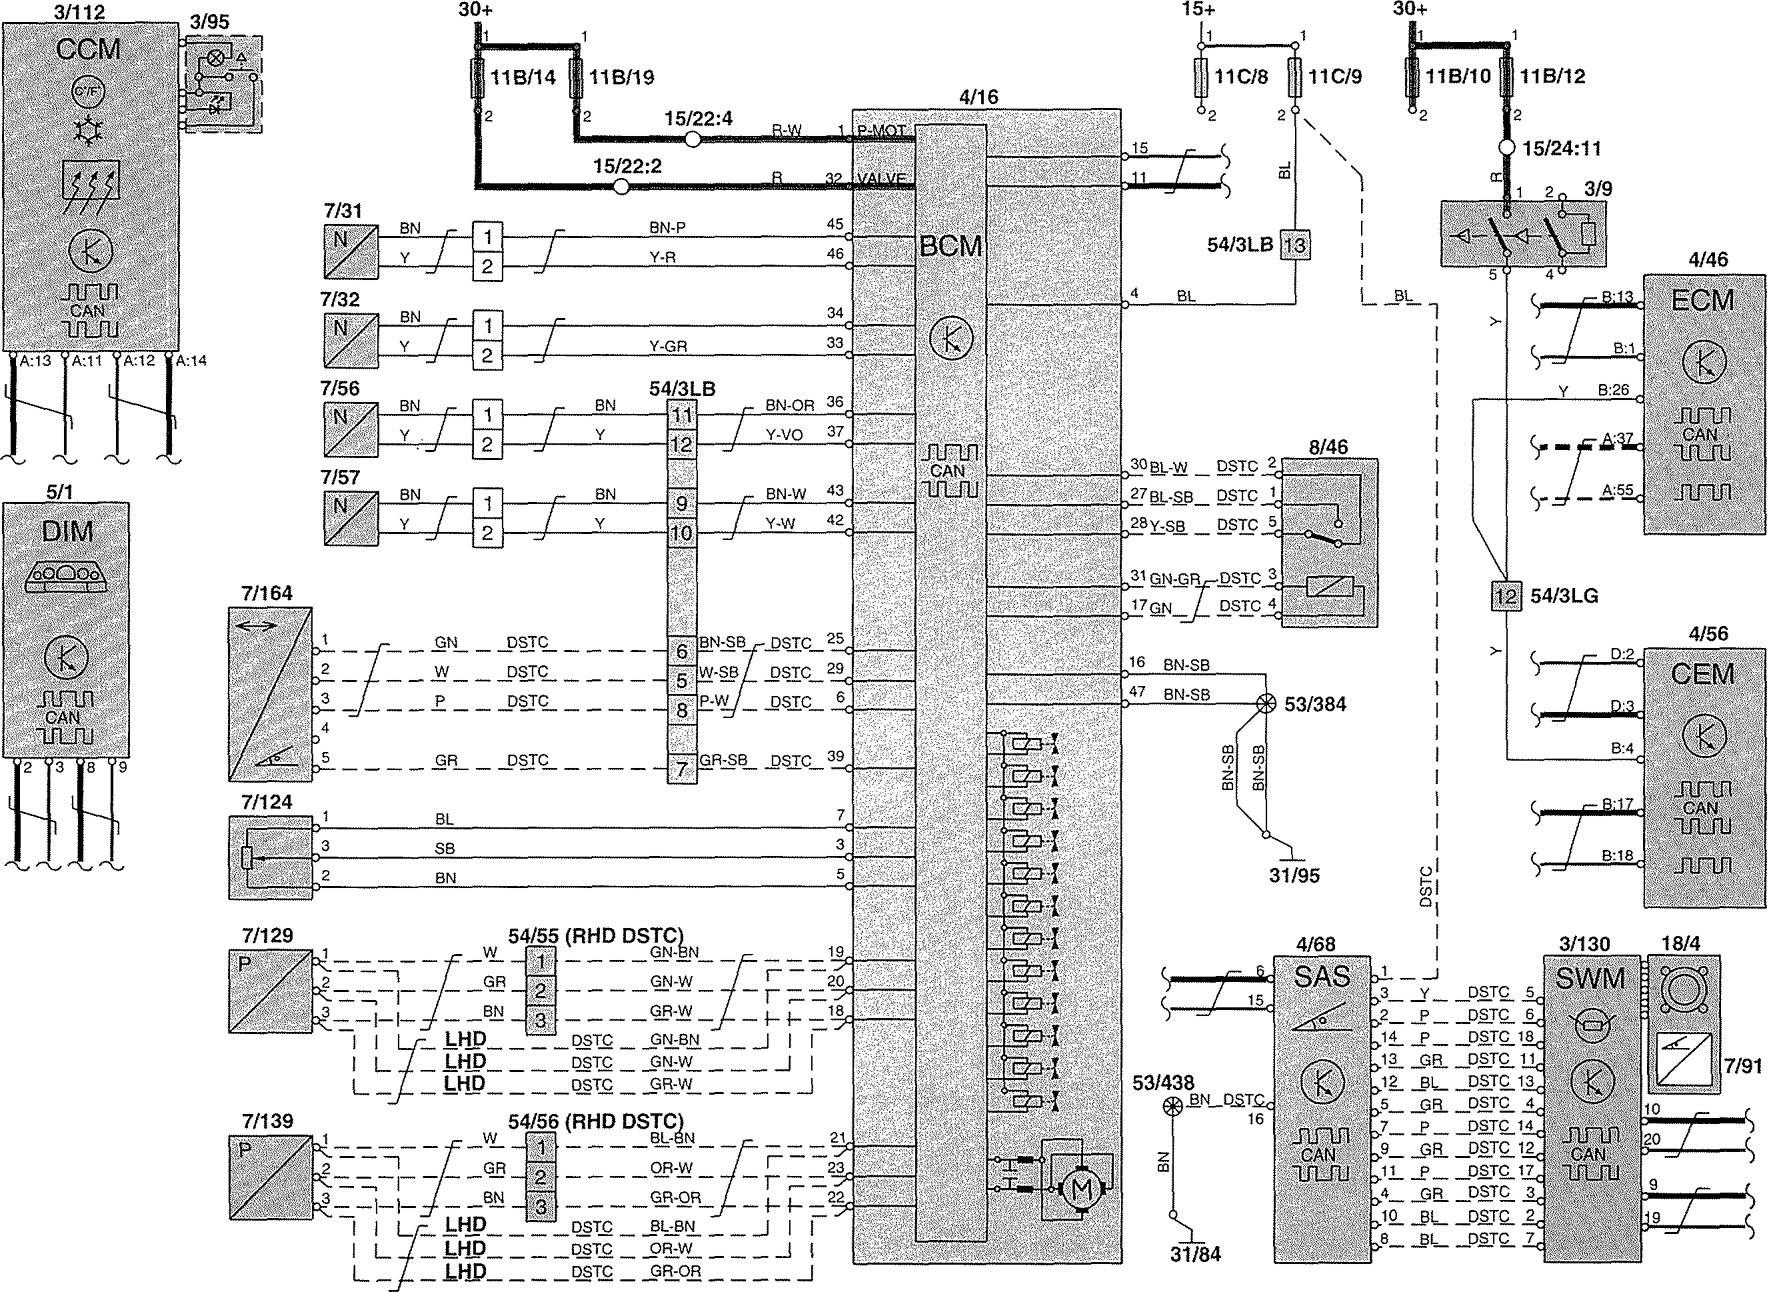 Volvo V70 Trailer Wiring Diagram : Volvo v wiring diagrams brake controls